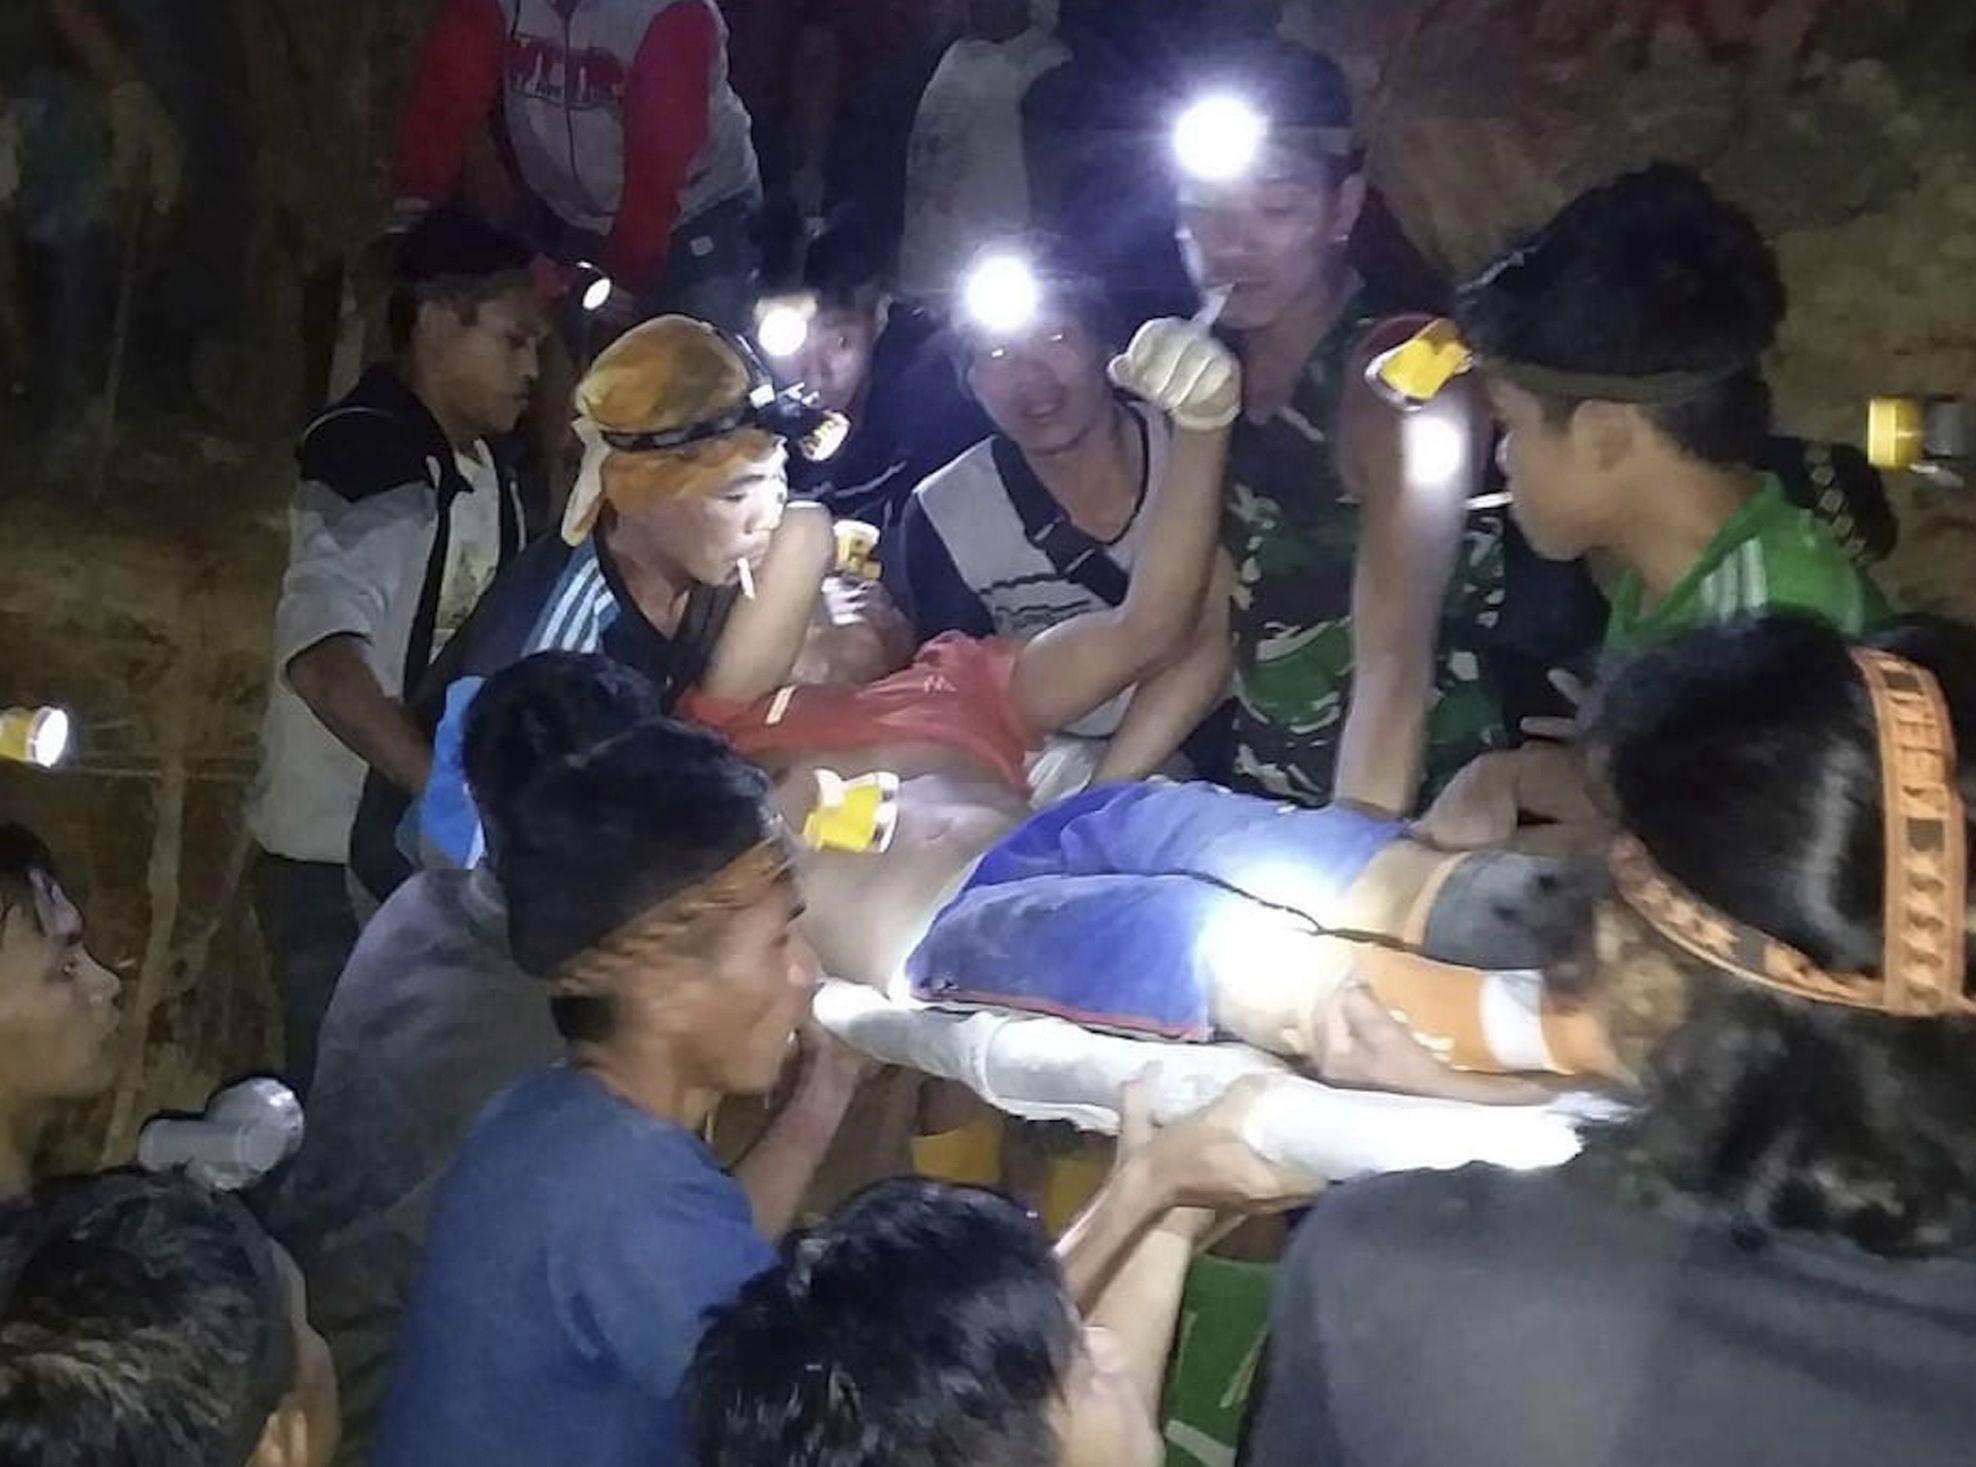 至今证实有3人死亡,最少15人受伤。